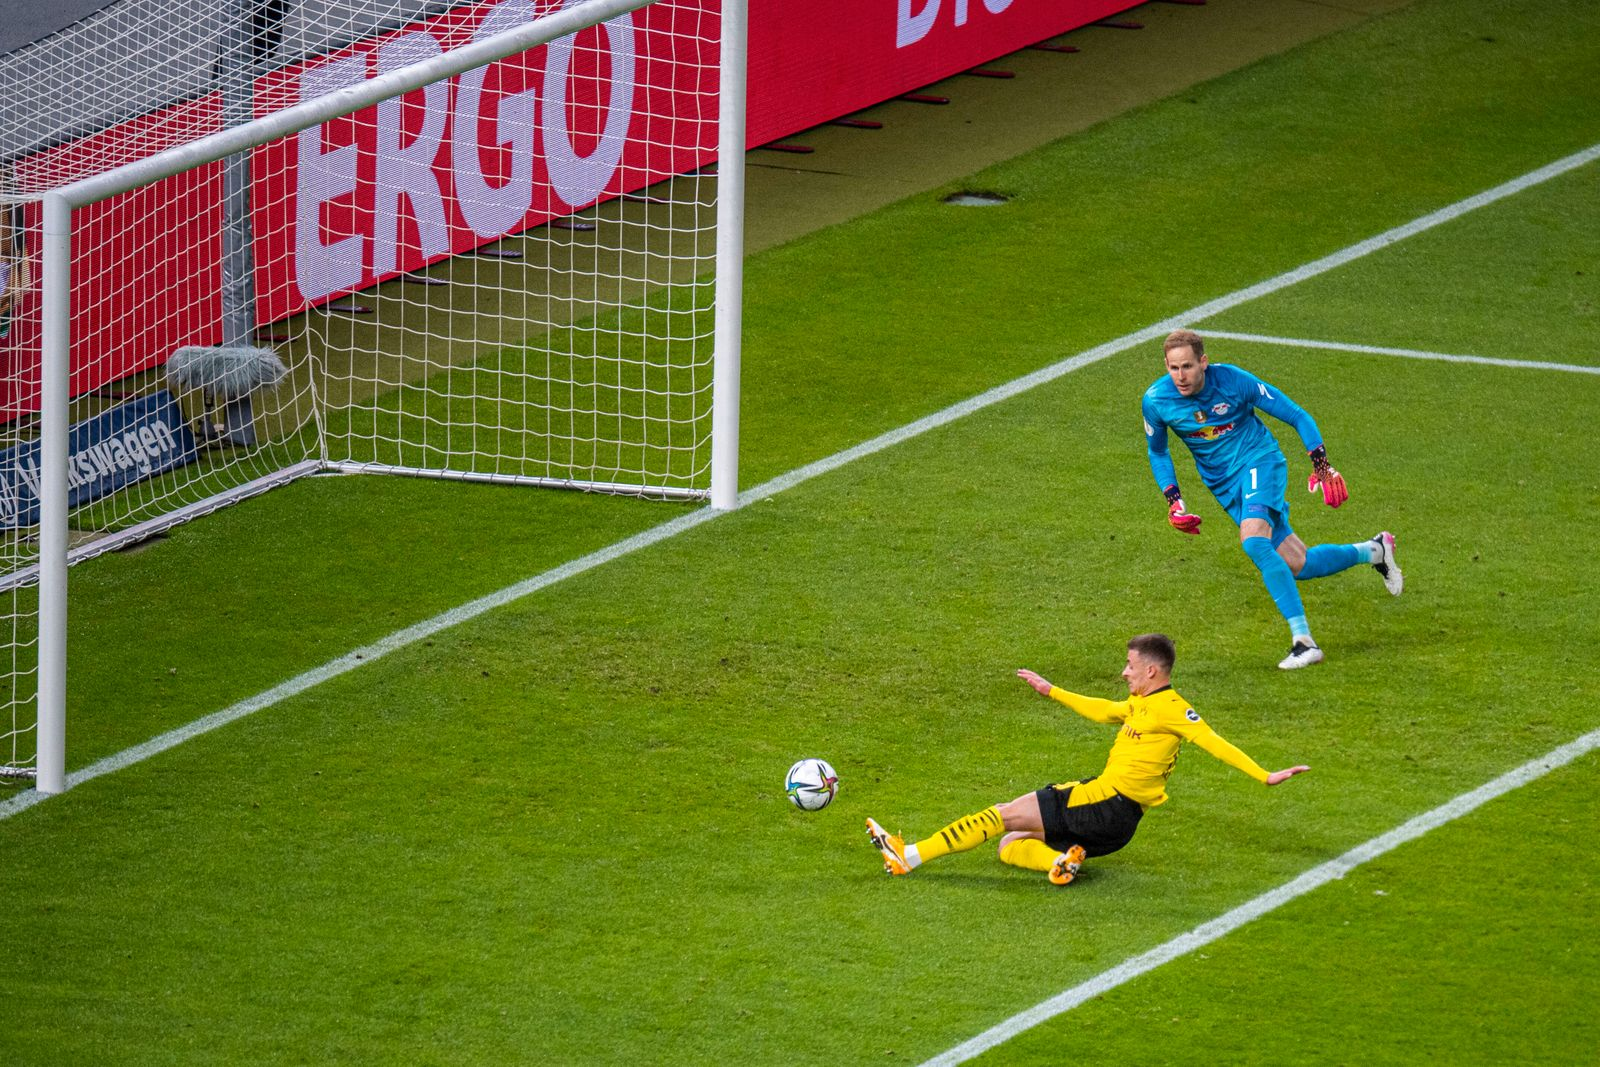 Fußball: DFB-Pokal, Saison 2020/2021, Endspiel, RB Leipzig - Borussia Dortmund am 13.05.2021 im Olympiastadion in Berlin